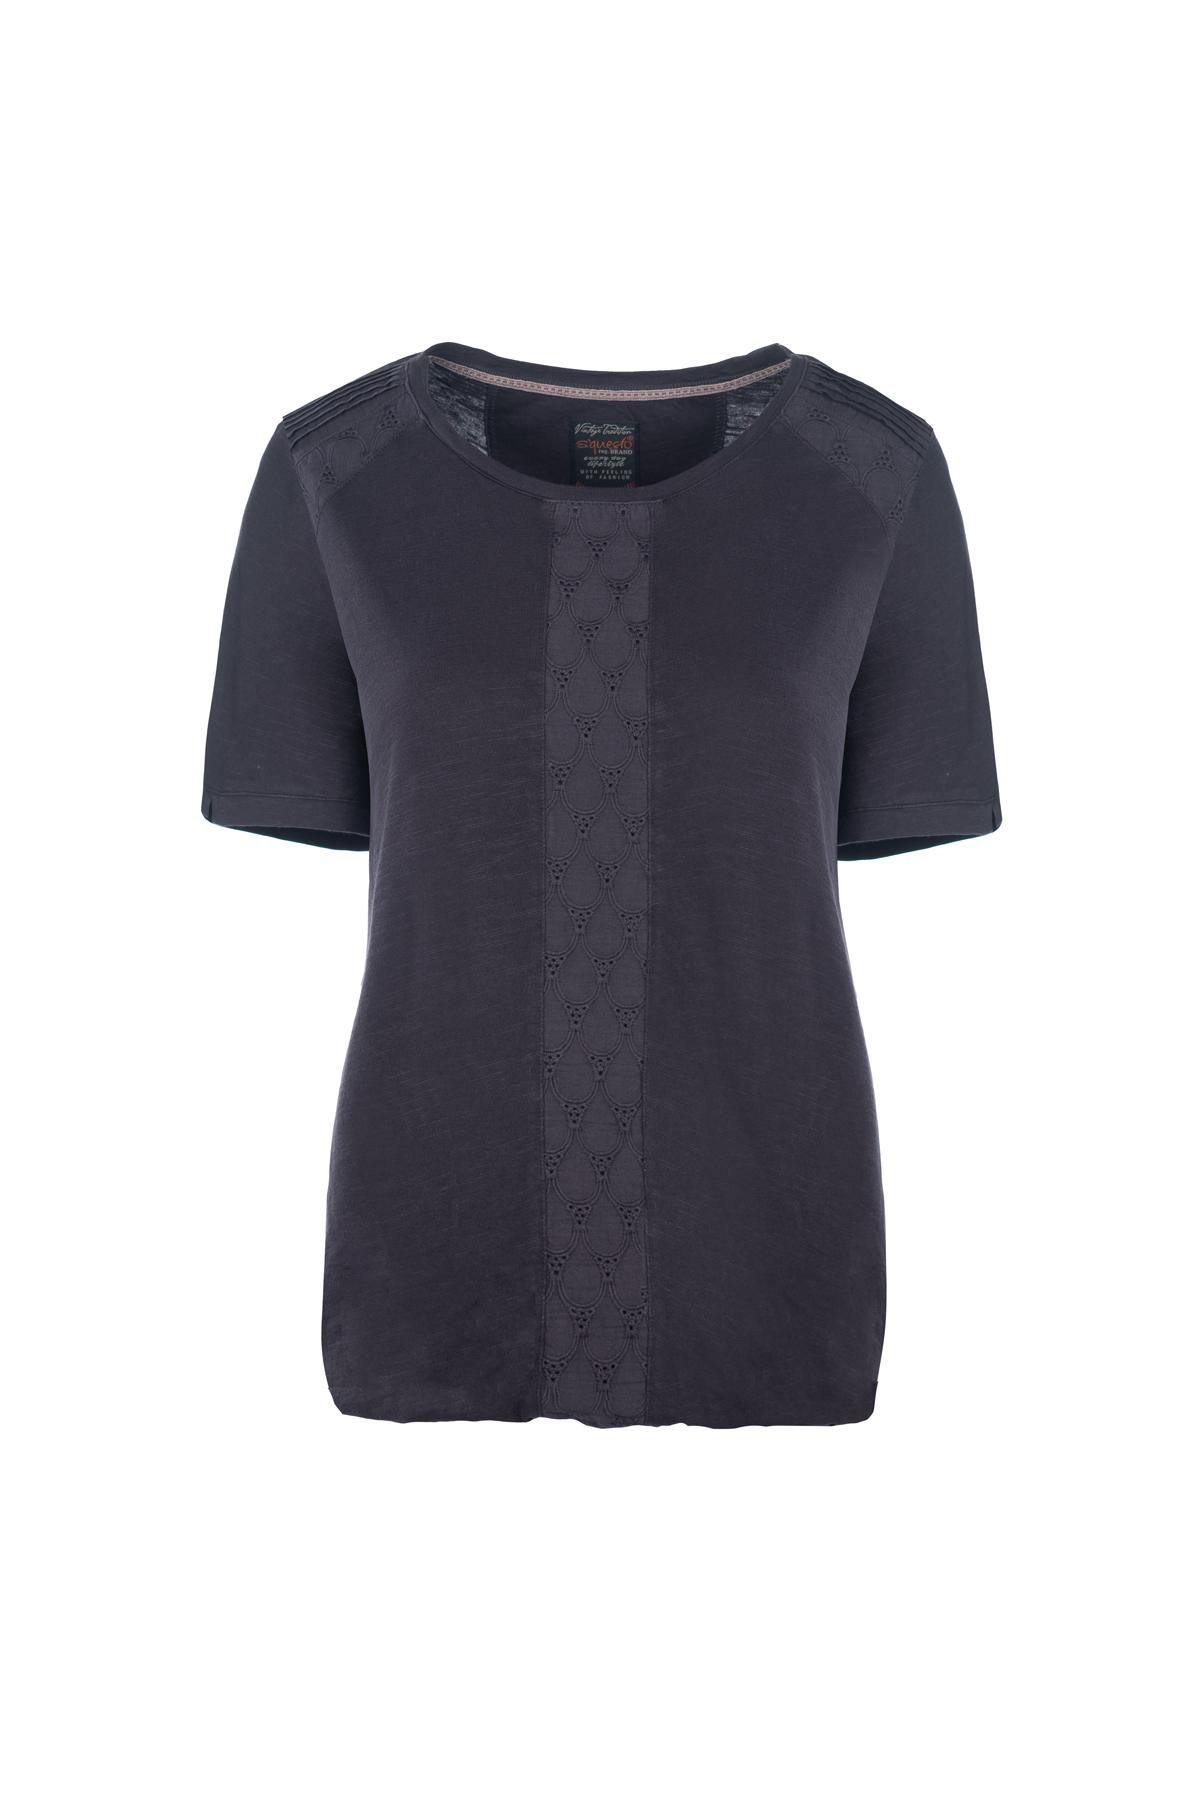 Soquesto Shirt Karina